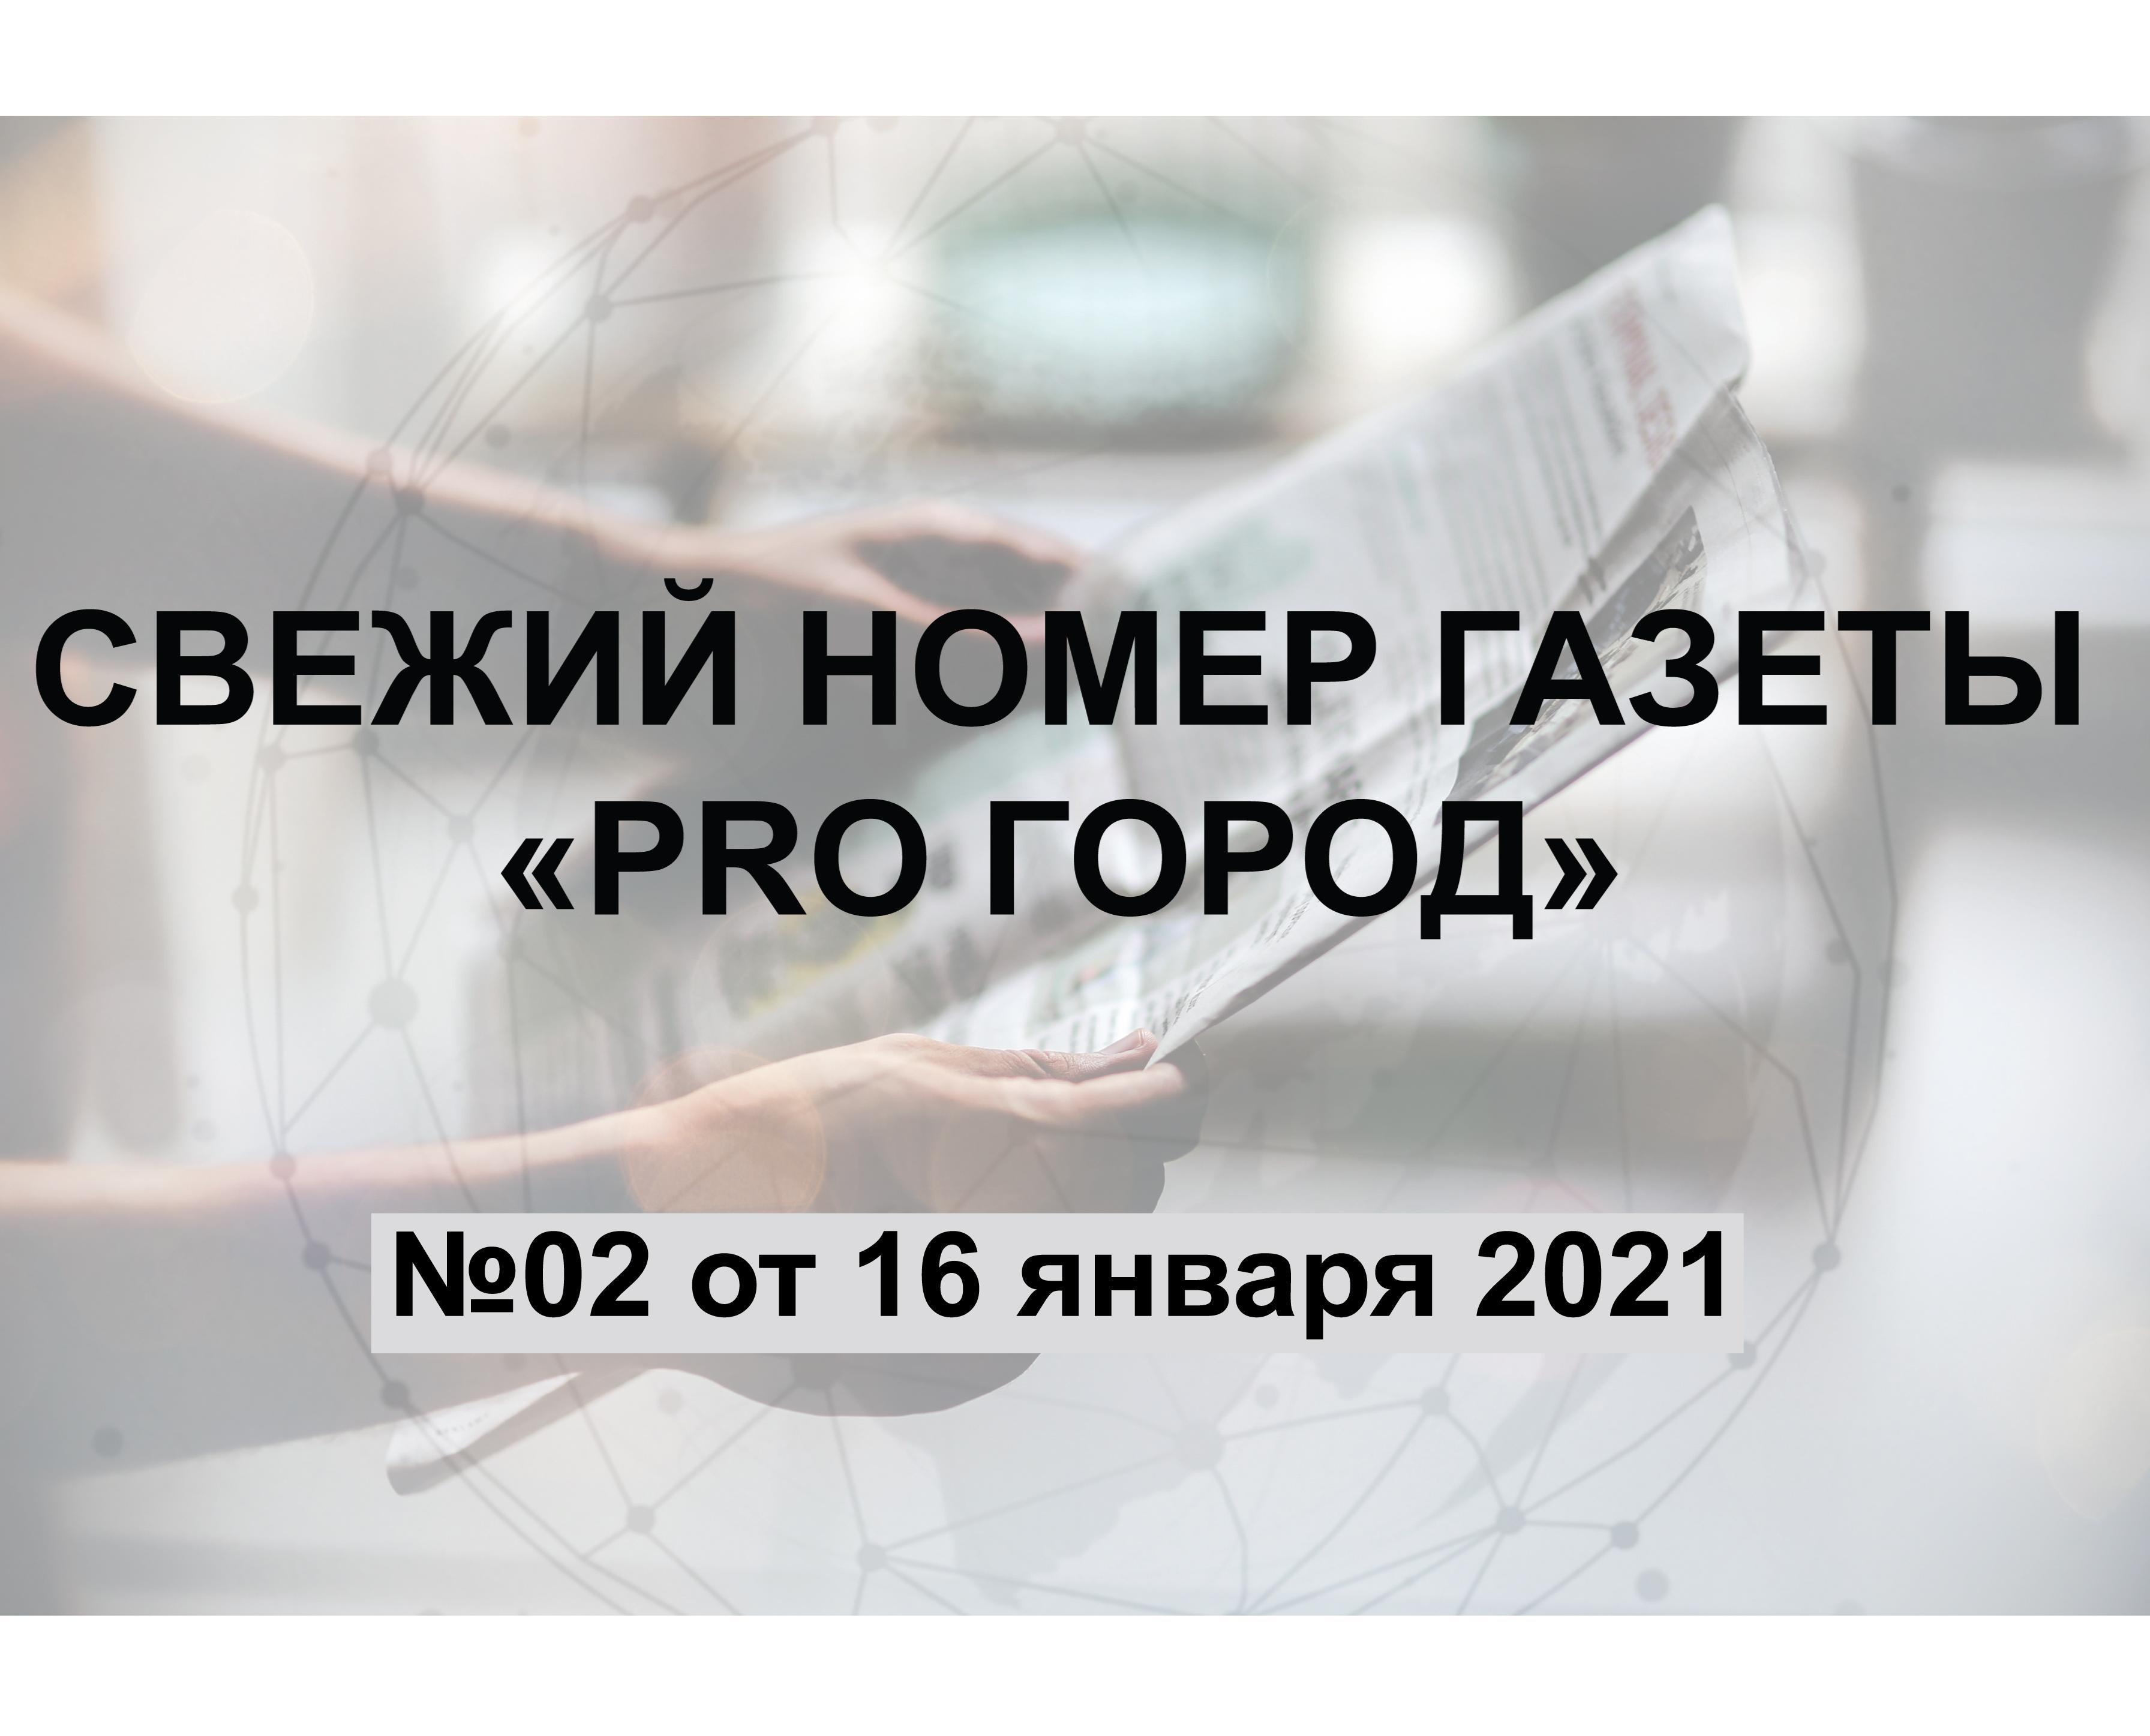 Газета «Pro Город Кирово-Чепецк» номер 02 от 16 января 2021 года